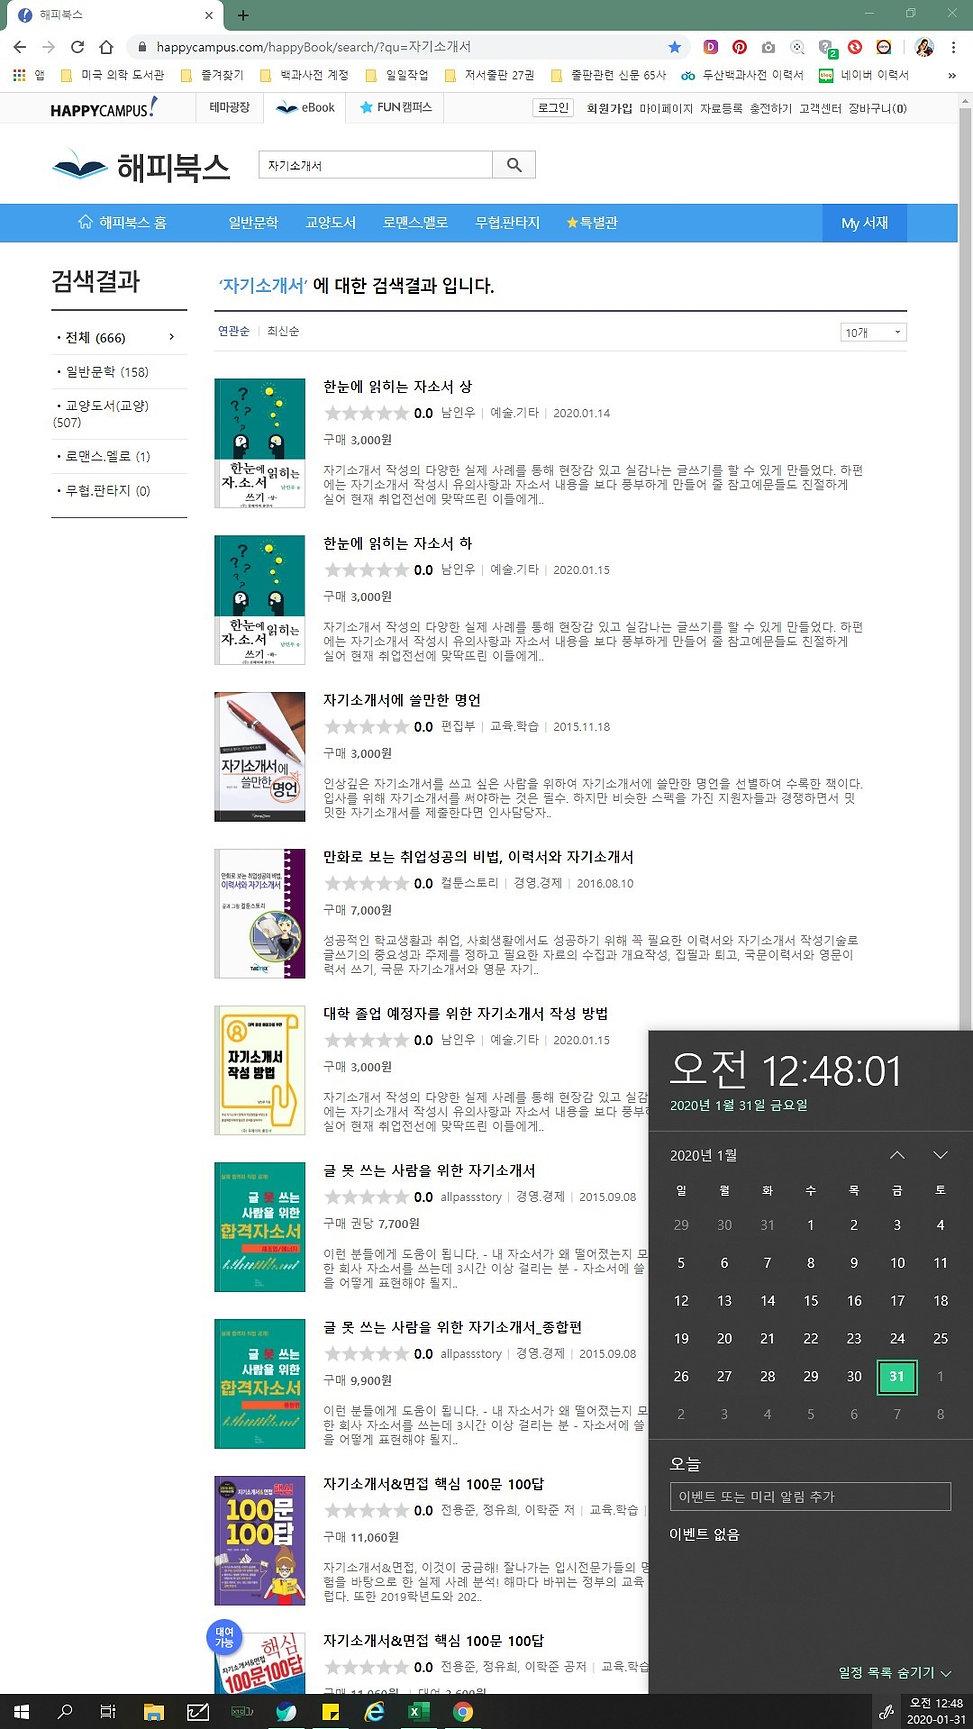 해피북스. 자기소개서. 1.2.5위.jpg